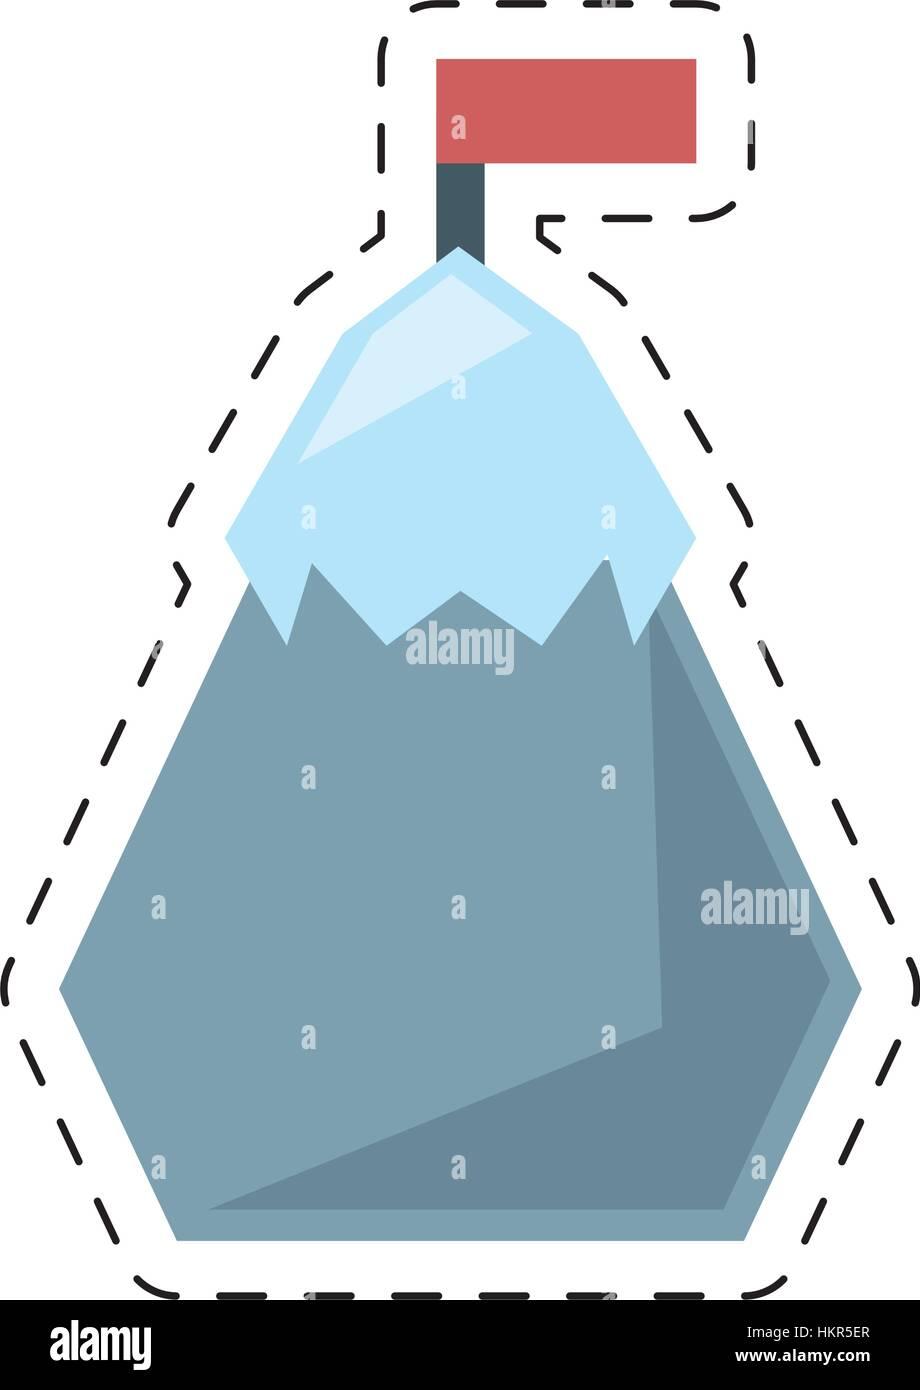 Snow Mountain Diagram - Free Car Wiring Diagrams •